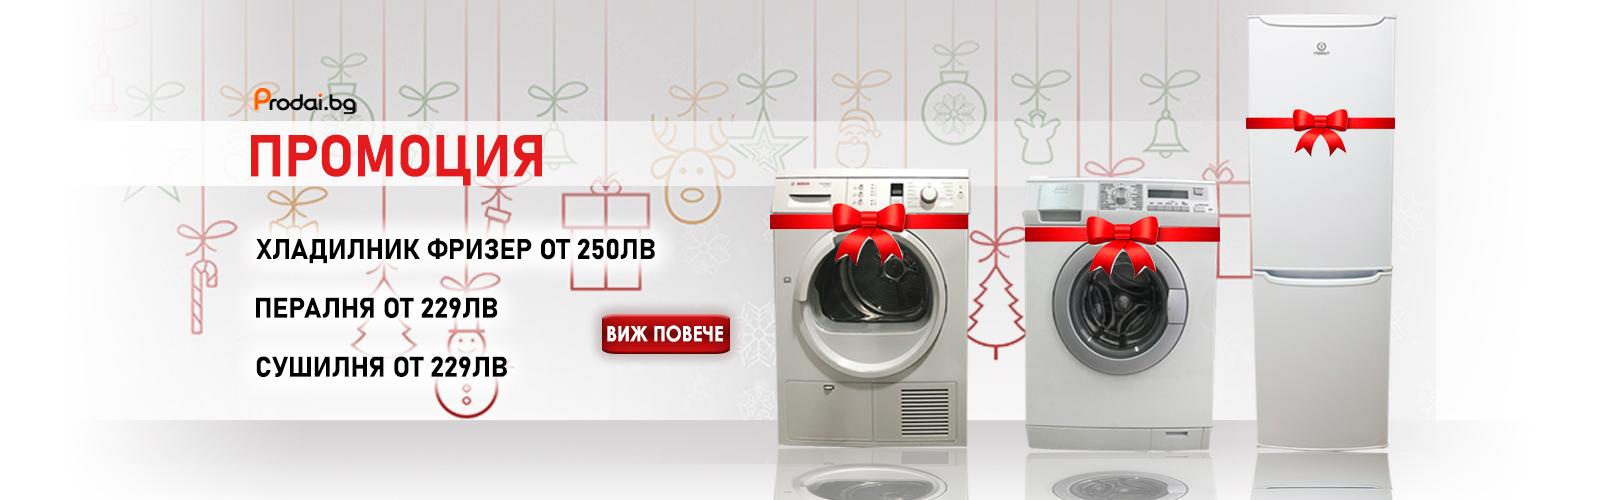 specialni-ceni-1600x500-KOLEDA